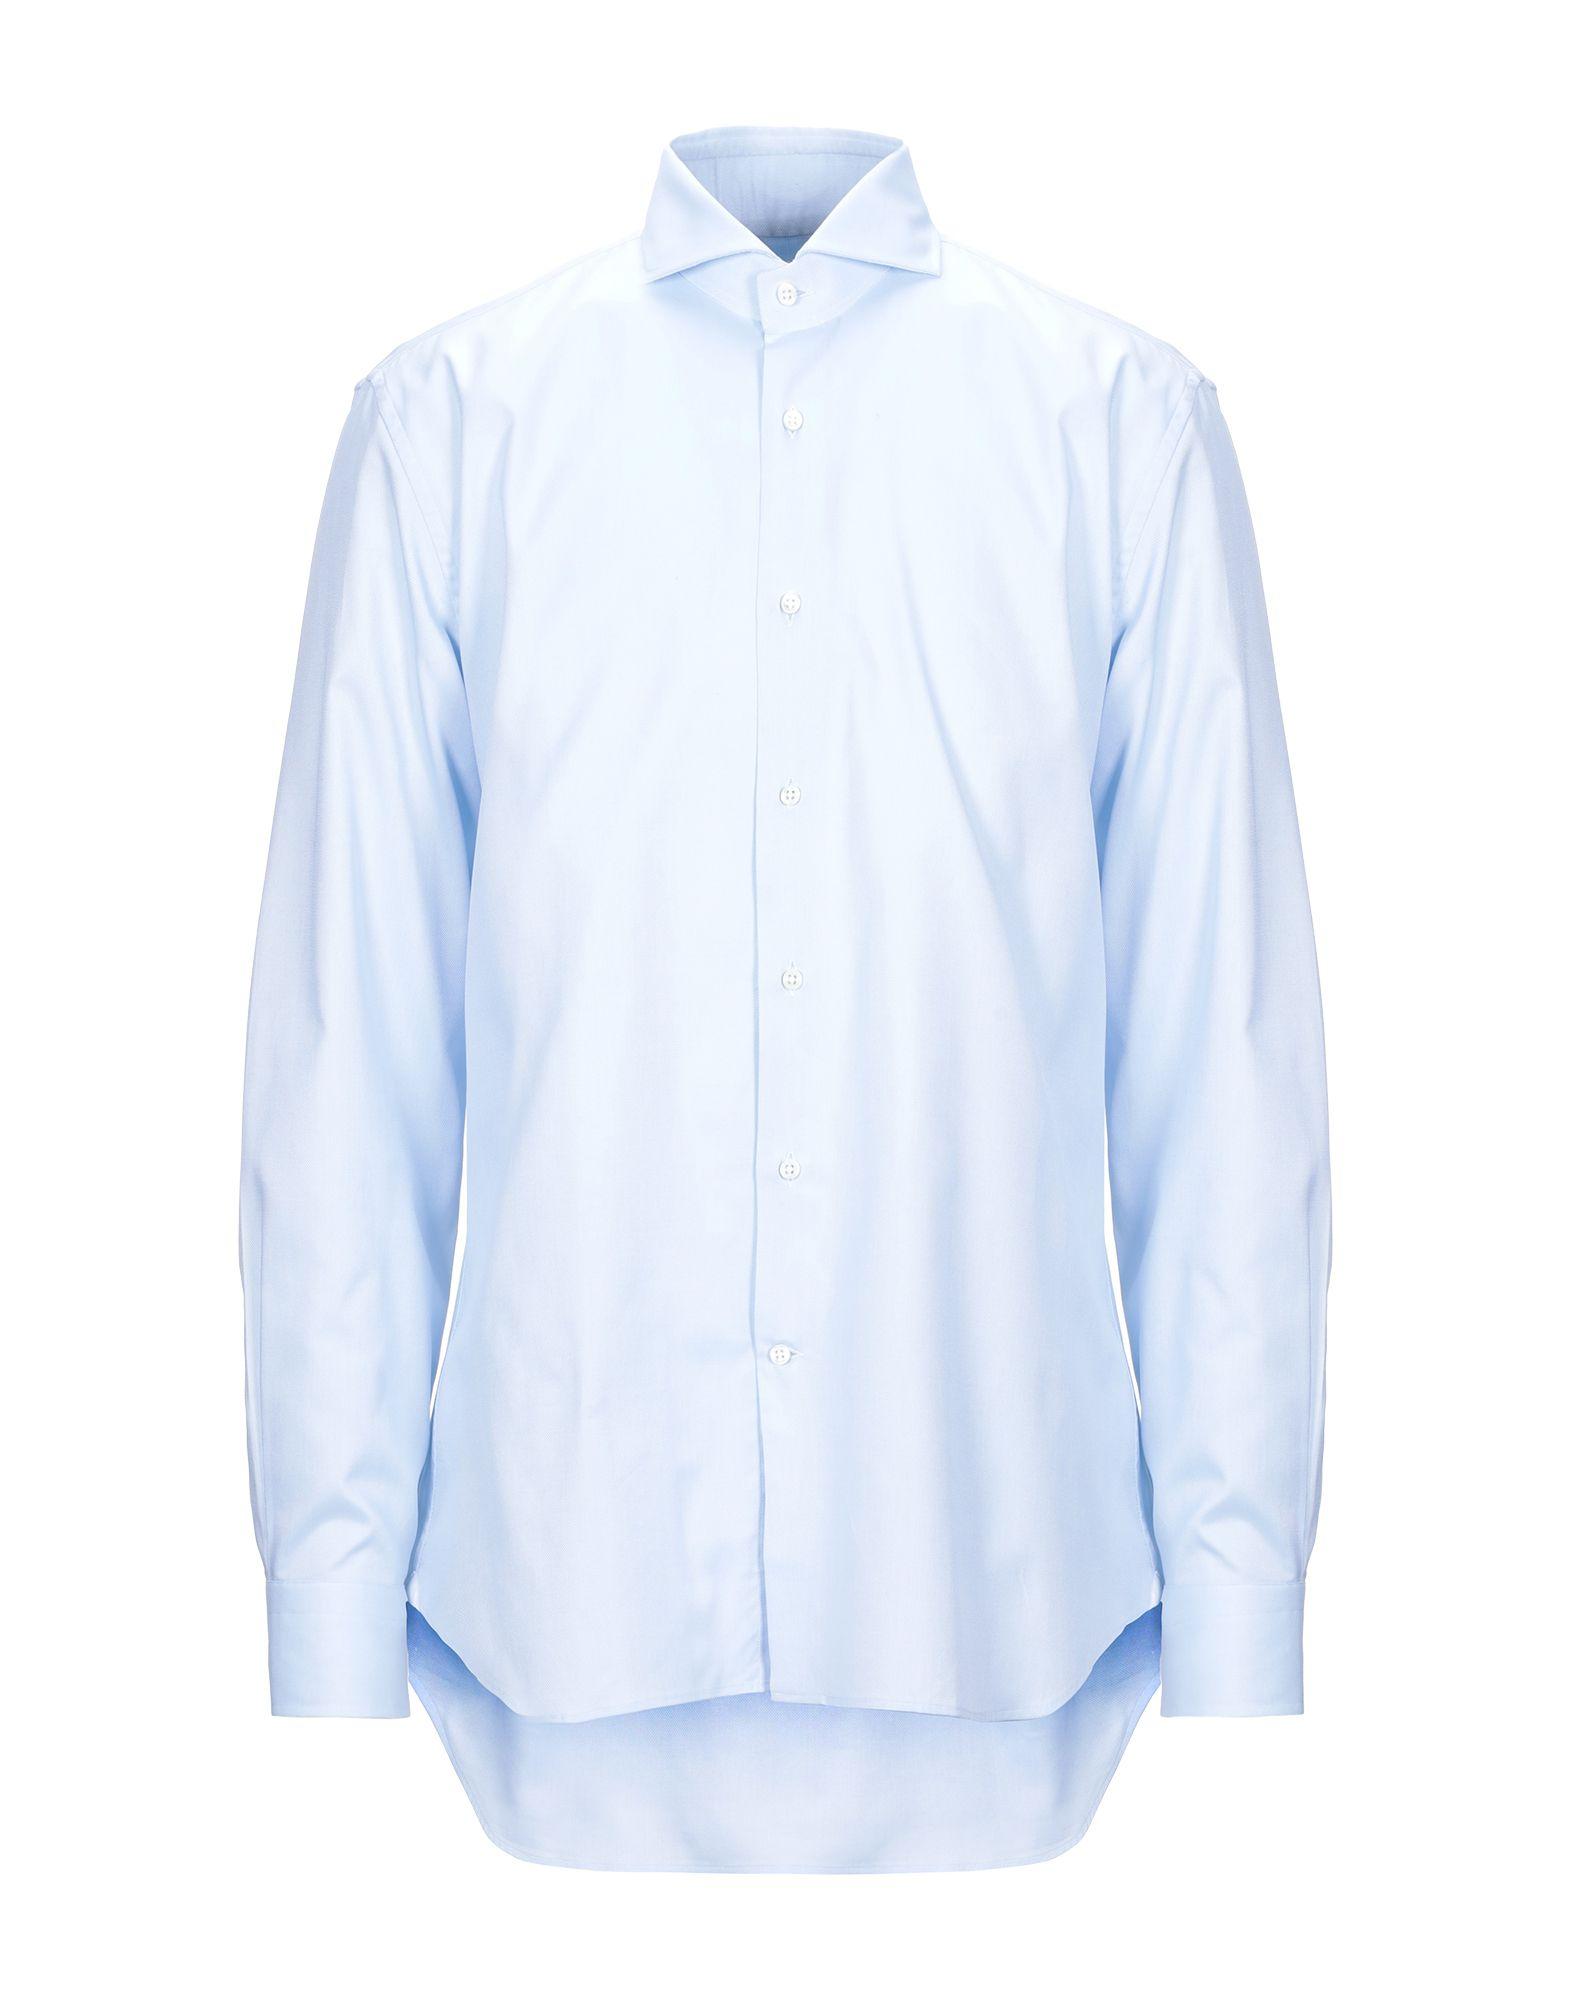 《セール開催中》LABORATORIO DEL CARMINE メンズ シャツ スカイブルー one size コットン 100%